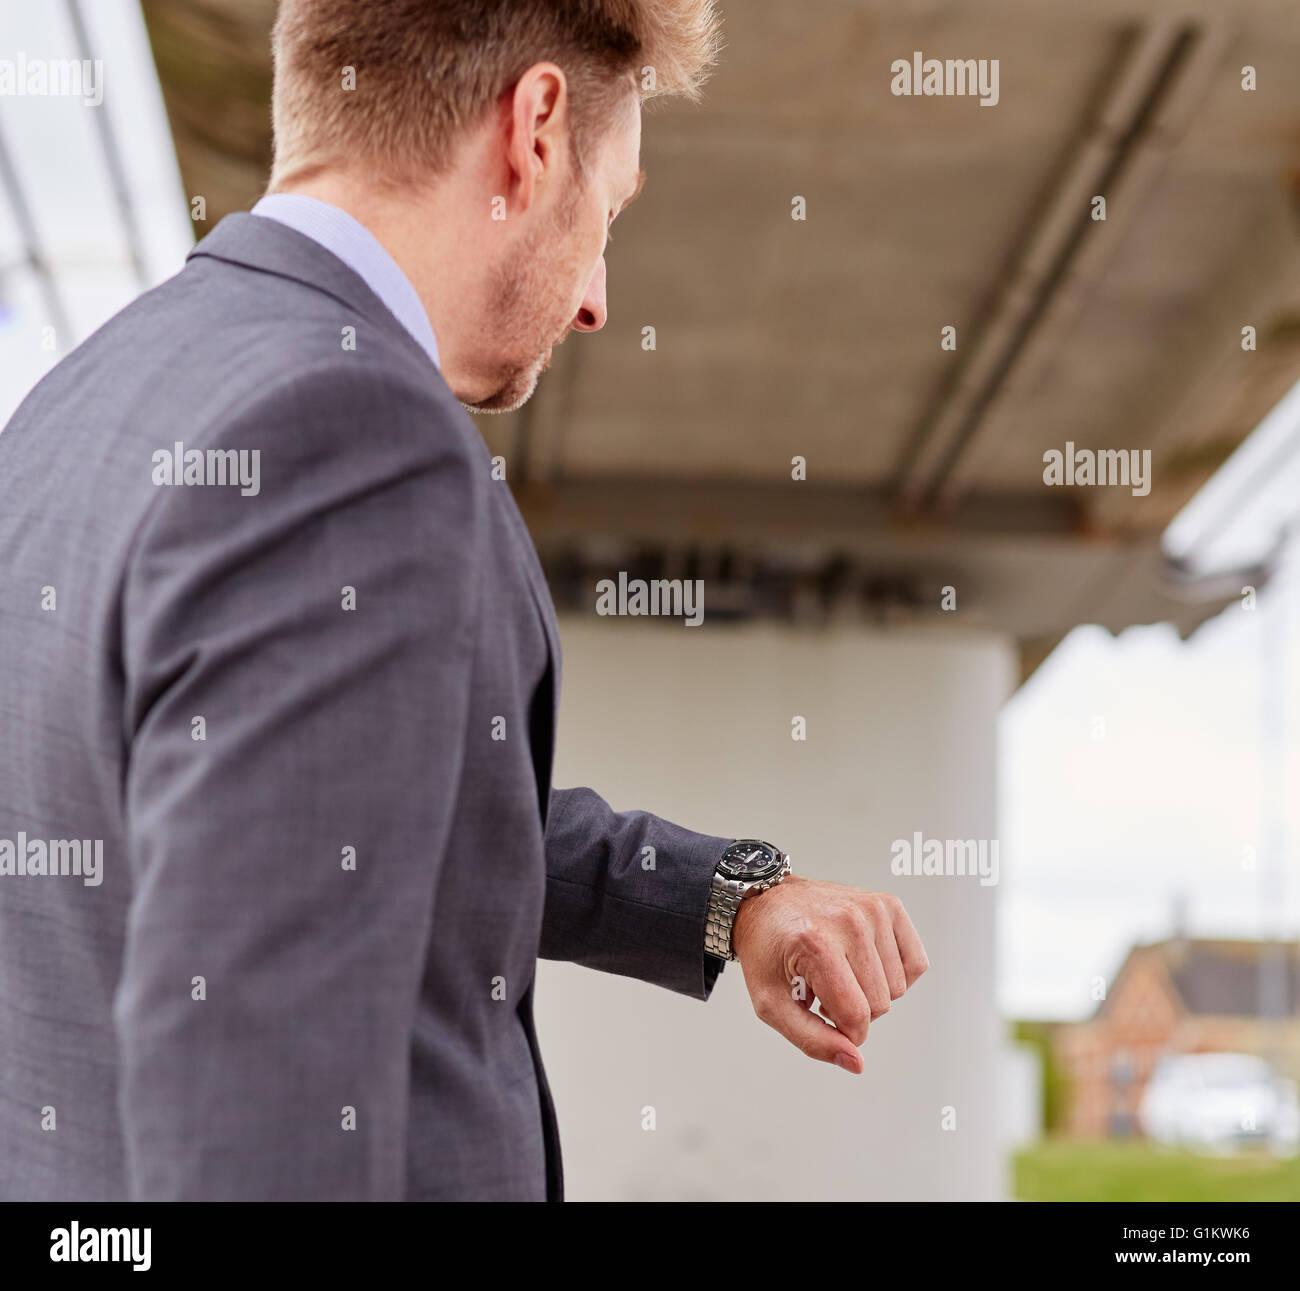 Uomo che guarda il suo orologio correndo per il lavoro Immagini Stock